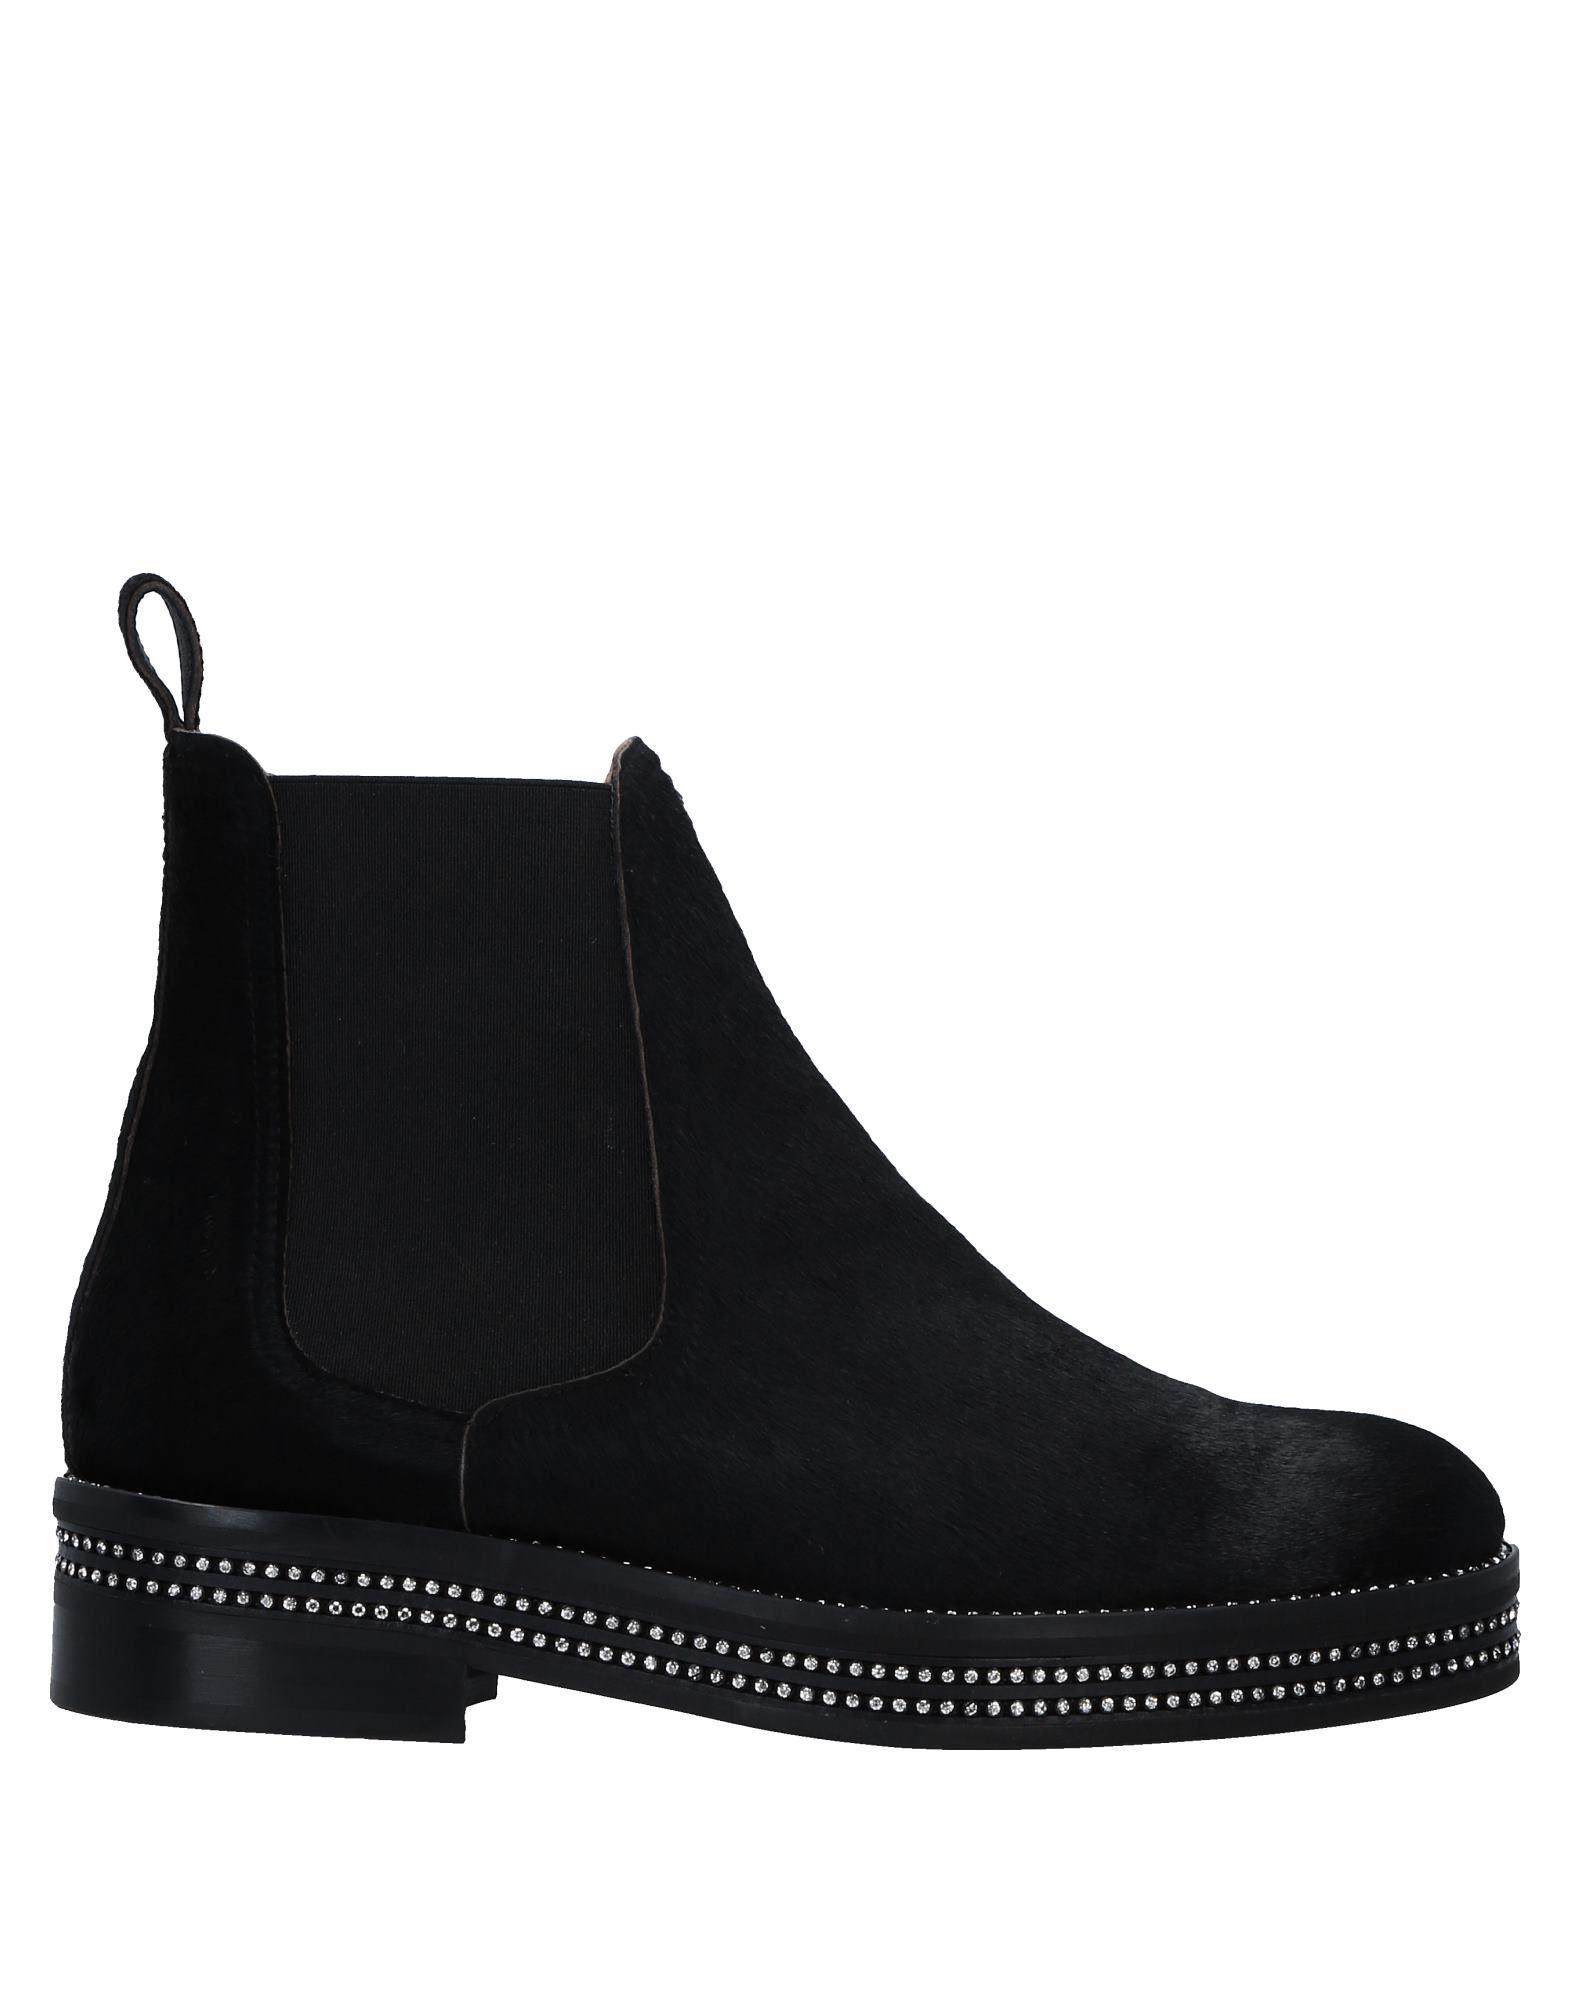 Ras Chelsea Boots es Damen Gutes Preis-Leistungs-Verhältnis, es Boots lohnt sich,Sonderangebot-4234 b4fd5f